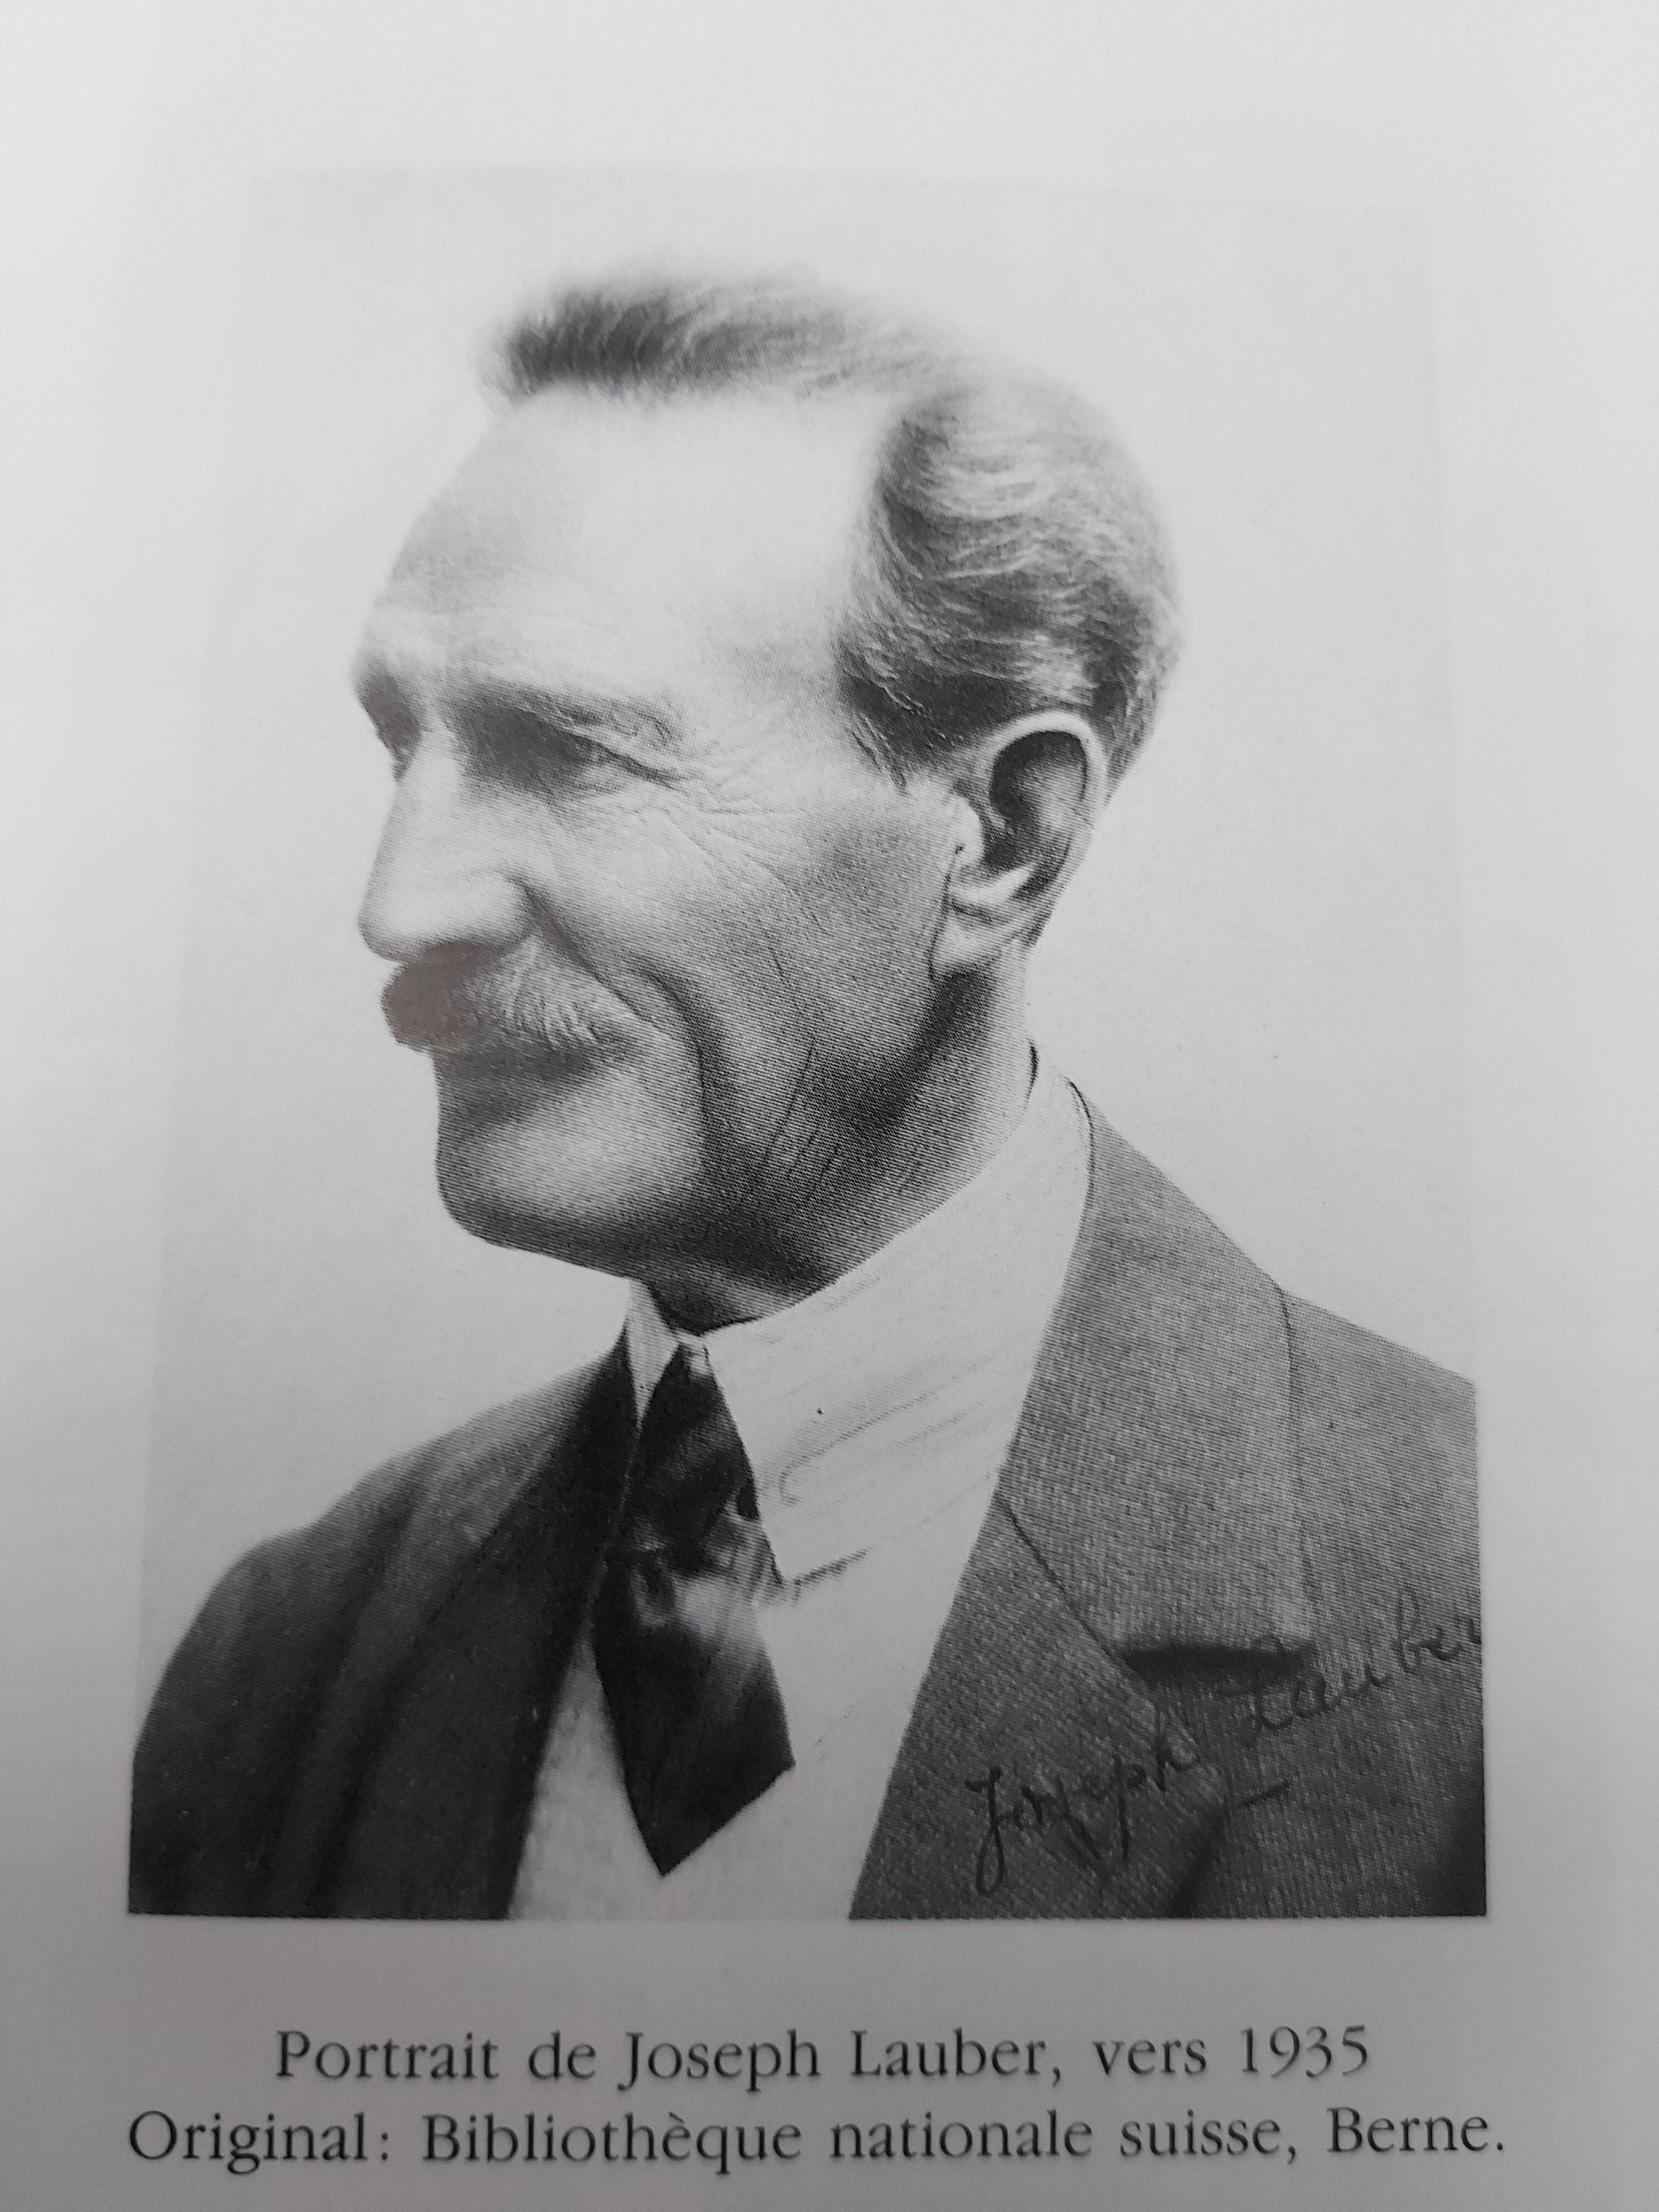 Joseph Lauber in späteren Jahren